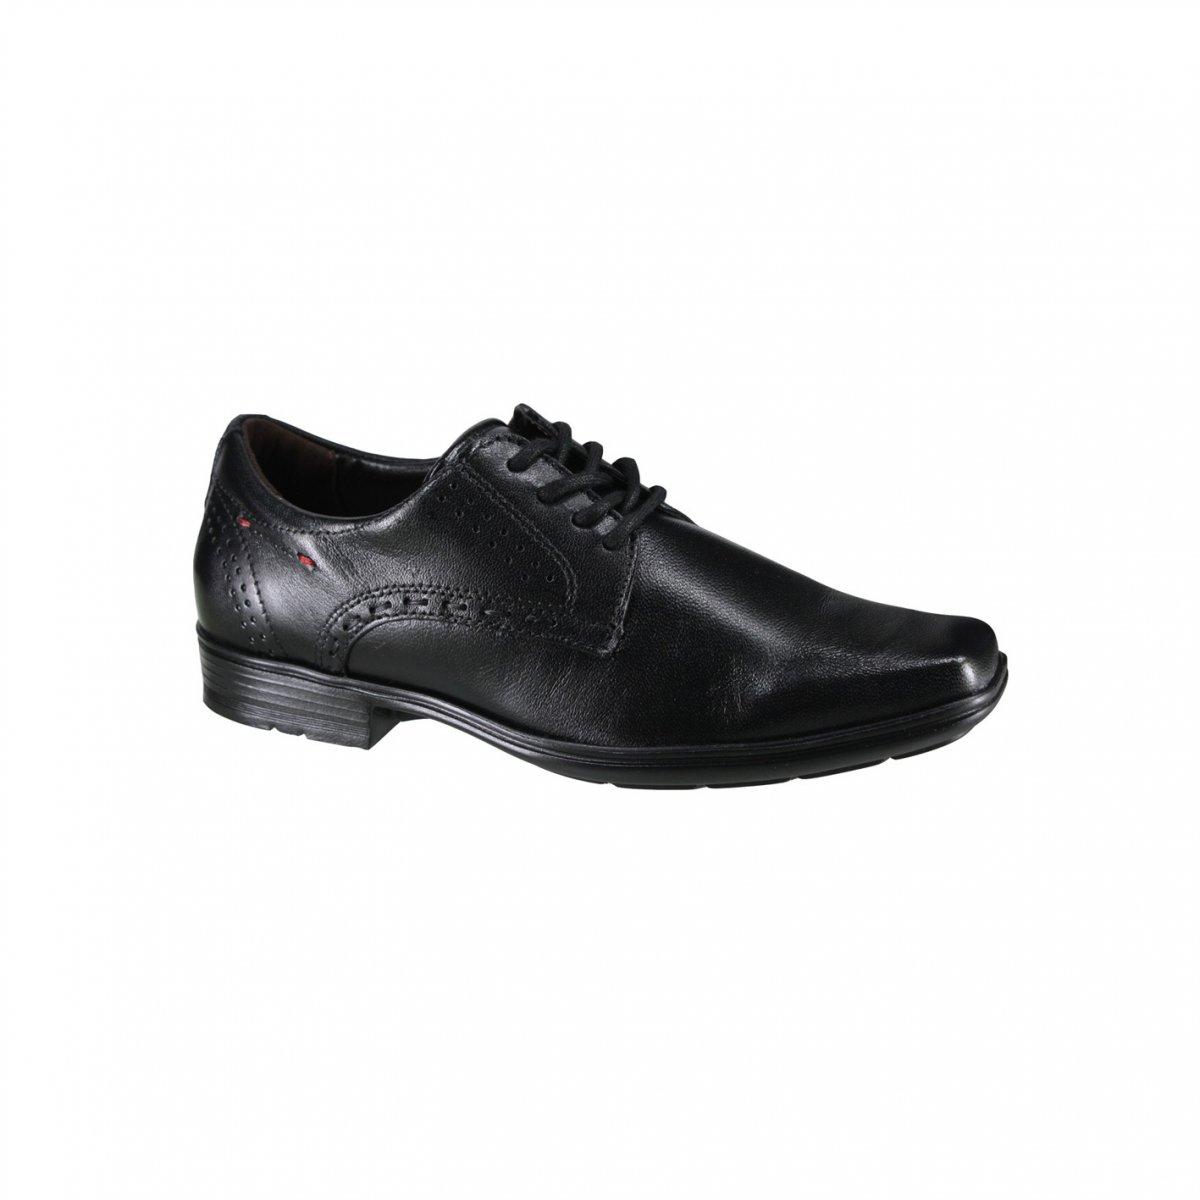 6bd5c4c124e Sapato Social Infantil Pegada 322306-01 - Preto (Mestiço) - Botas ...